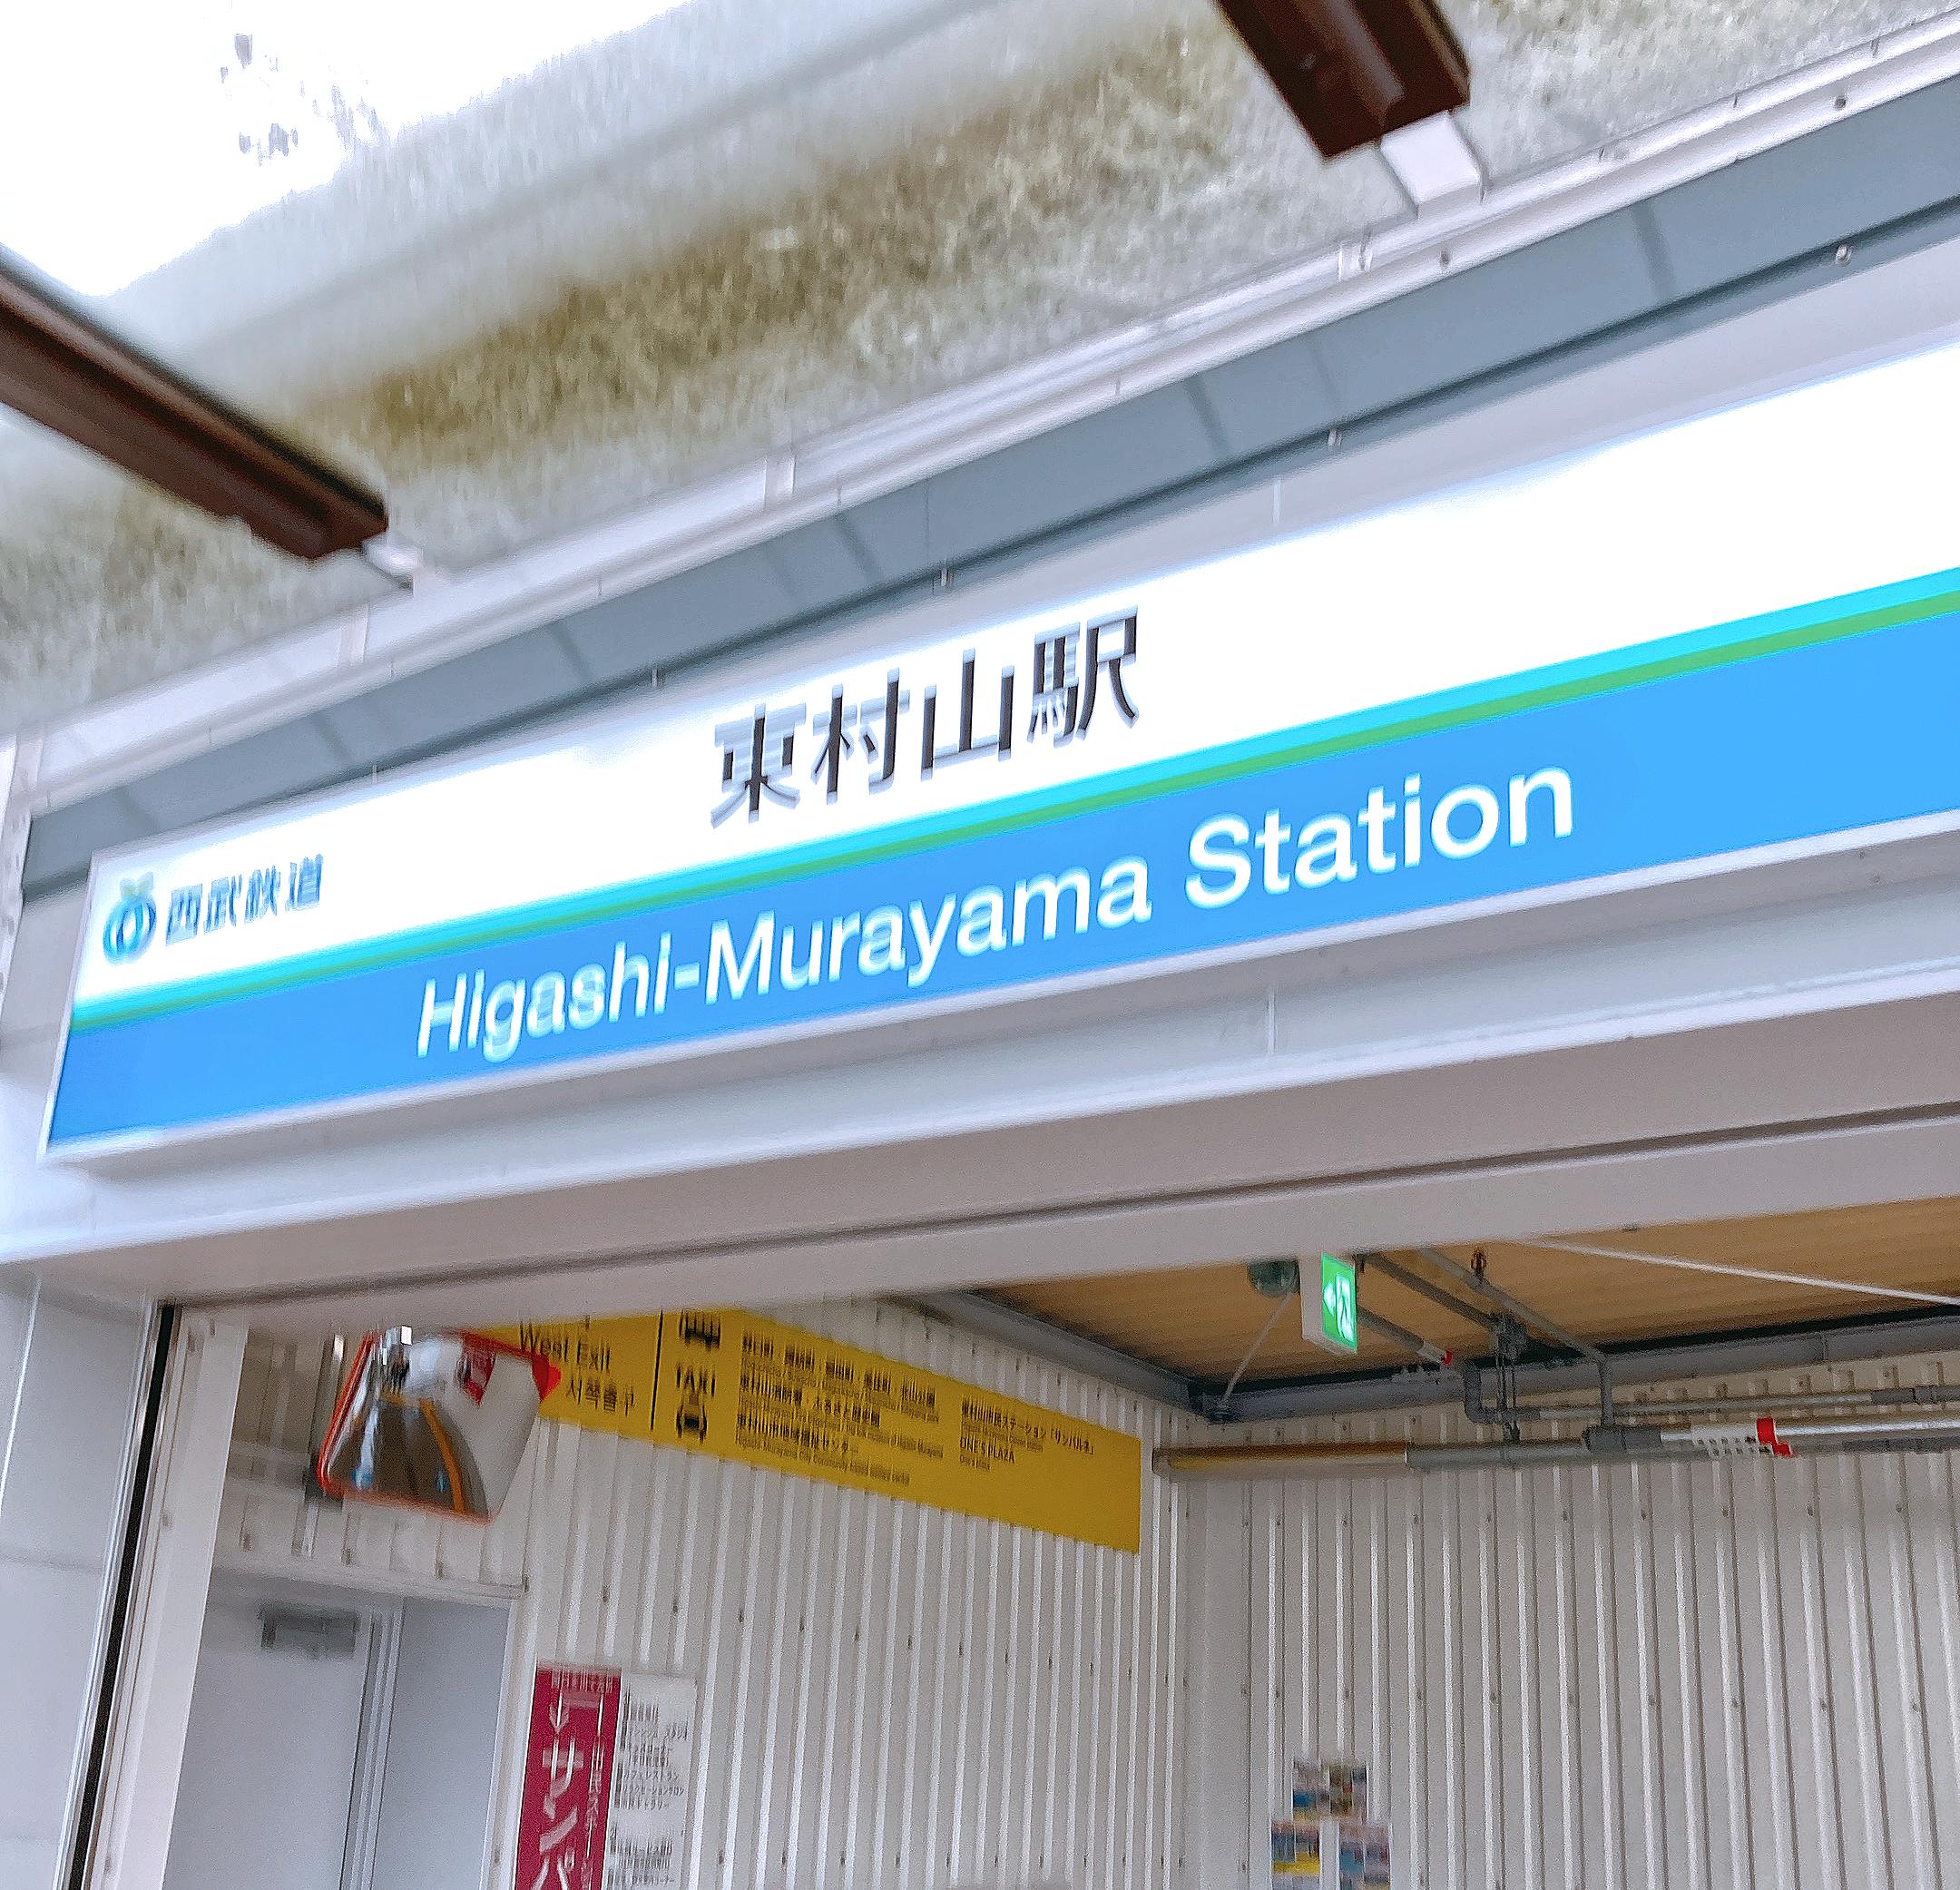 東村山駅(国分寺線)の発車メロディが『東村山音頭』になった! 志村けんさんの功績を称え 7/14 の初電車から